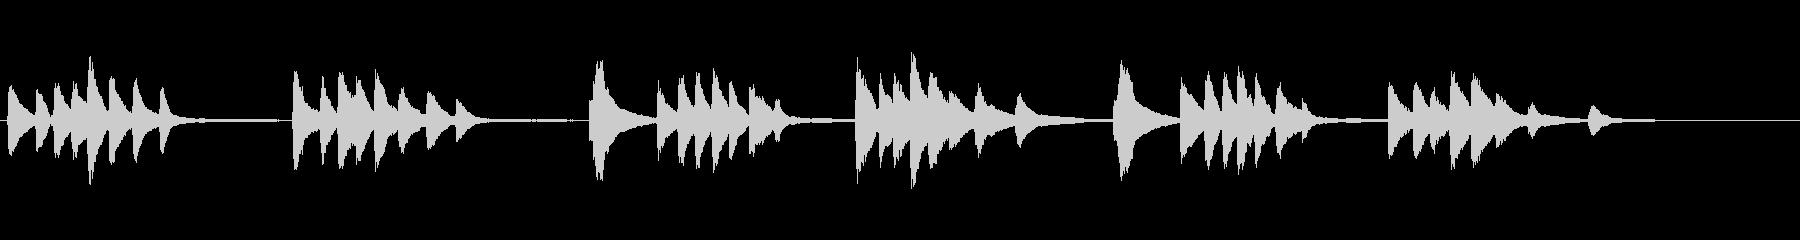 バルトーク「子供のために」16番の未再生の波形